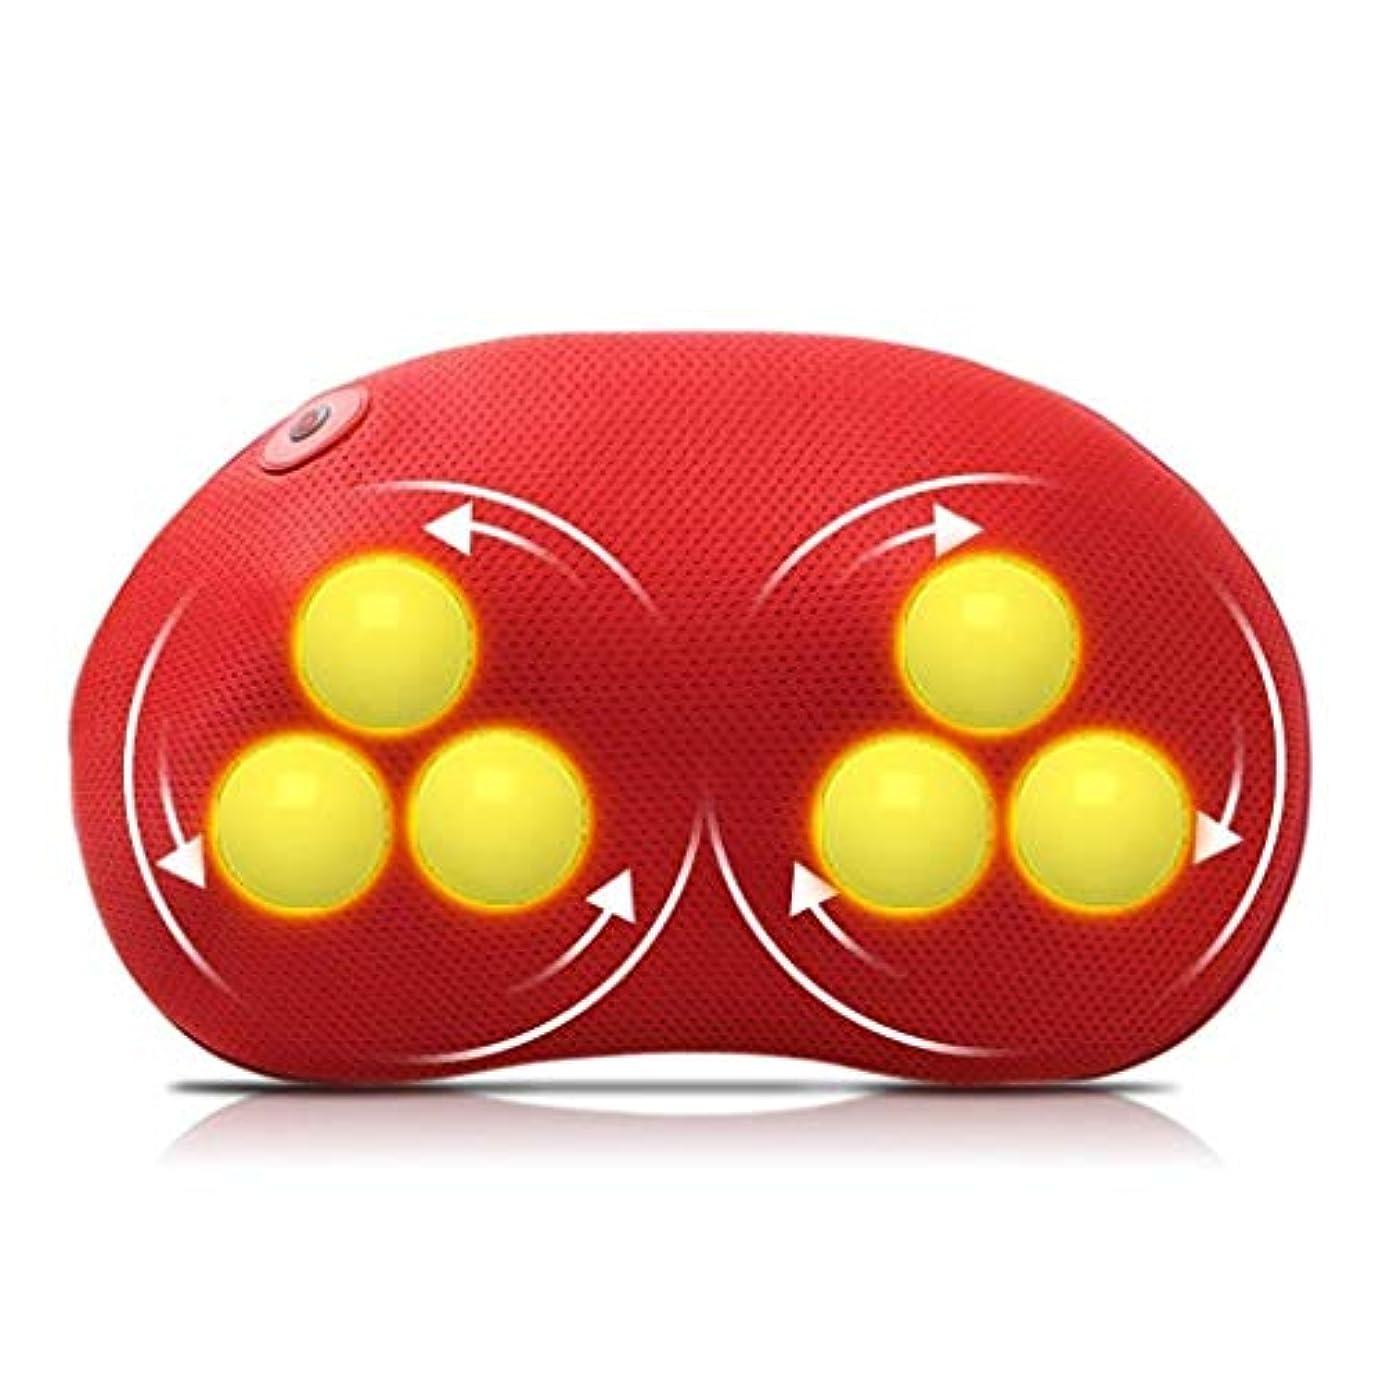 混雑フルーツ野菜サーフィンマッサージ枕、首と背中の3Dマッサージ、熱、深練り、首と背中、肩のリラクゼーション筋肉、ホームオフィスでの使用 (Color : 赤)